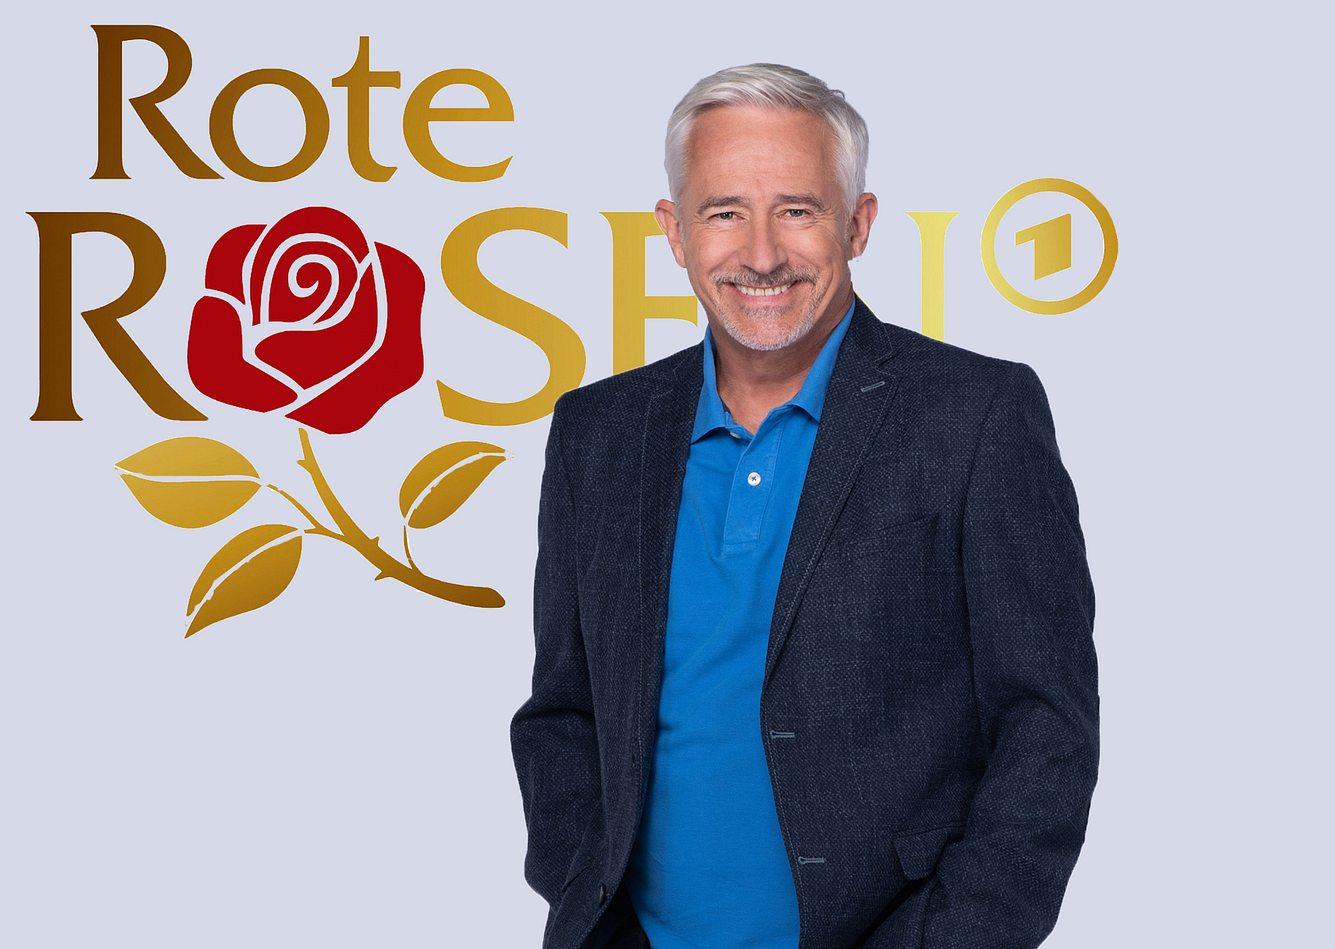 Gerry Hungbauer vor dem 'Rote Rosen'-Logo.